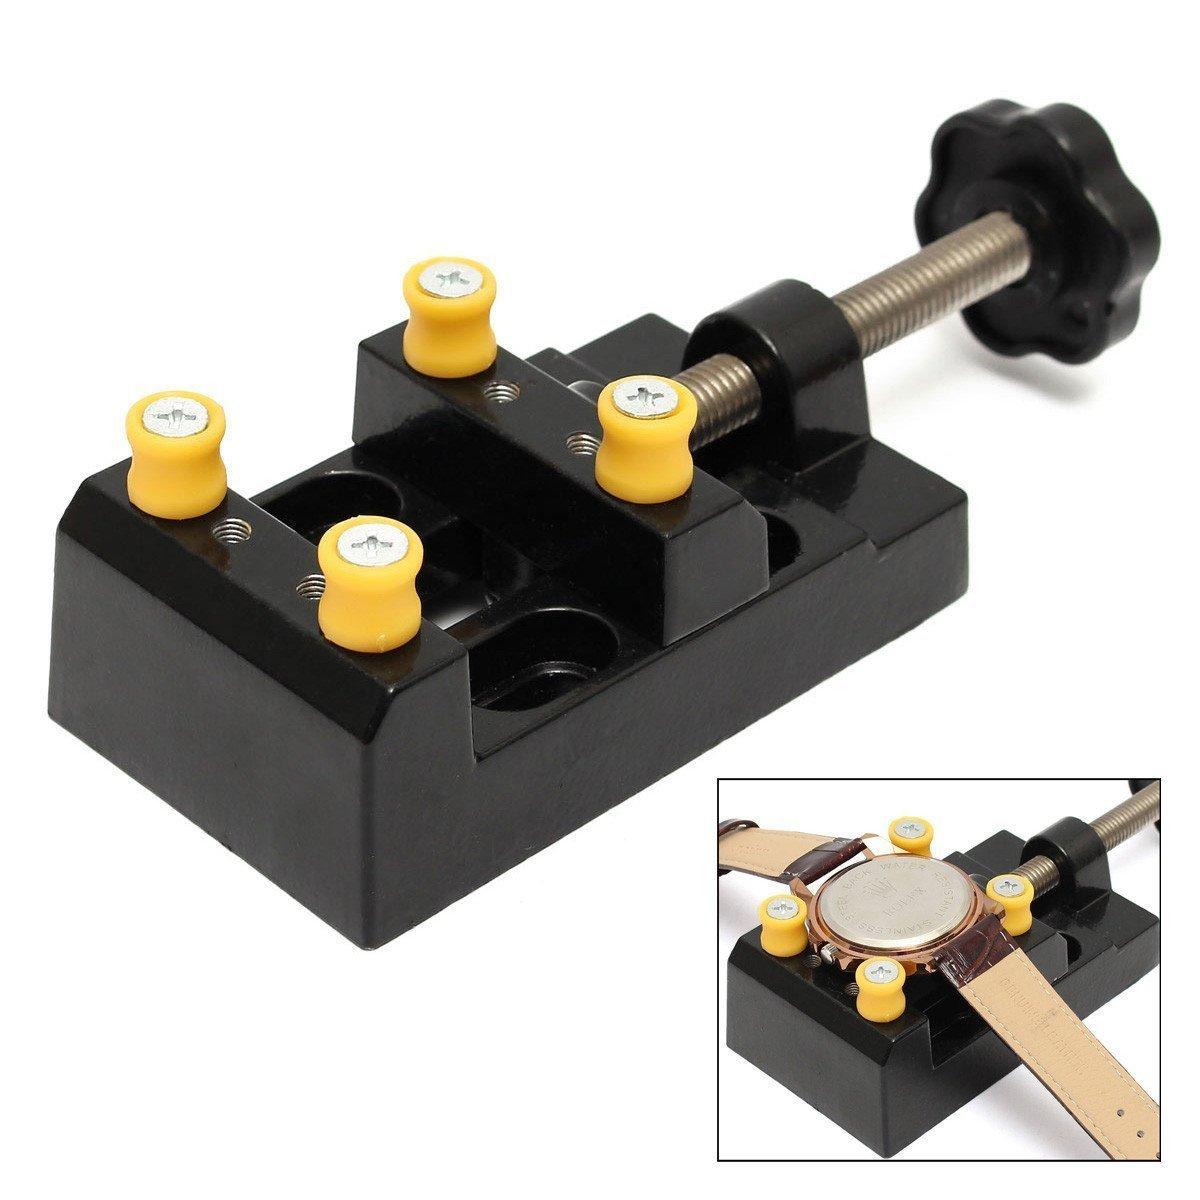 sourcemall mit Mini-Werkbank Schraubstock Tischplatte Clamp Drill Press Schraubstock fü r Hobby-Handwerker